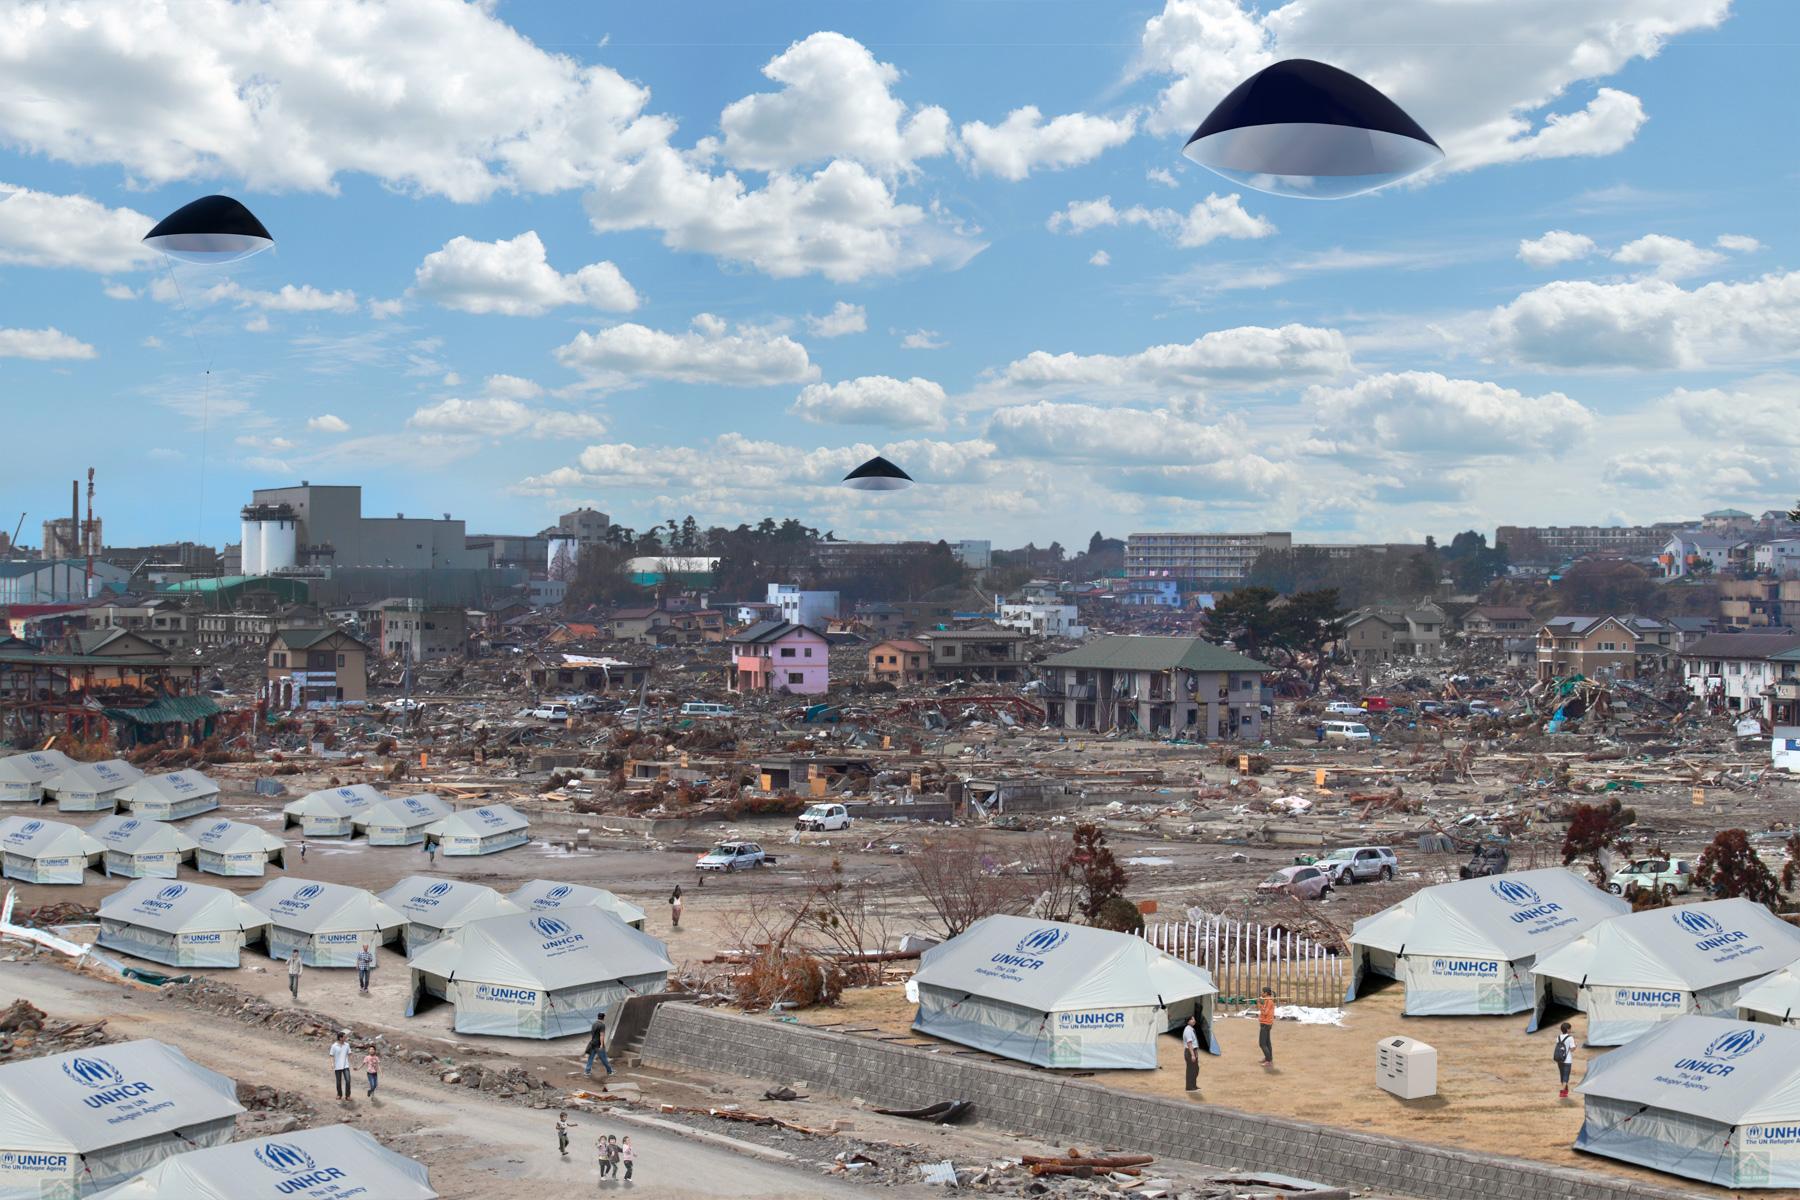 Des panneaux solaires volants pour aider les pays en crise